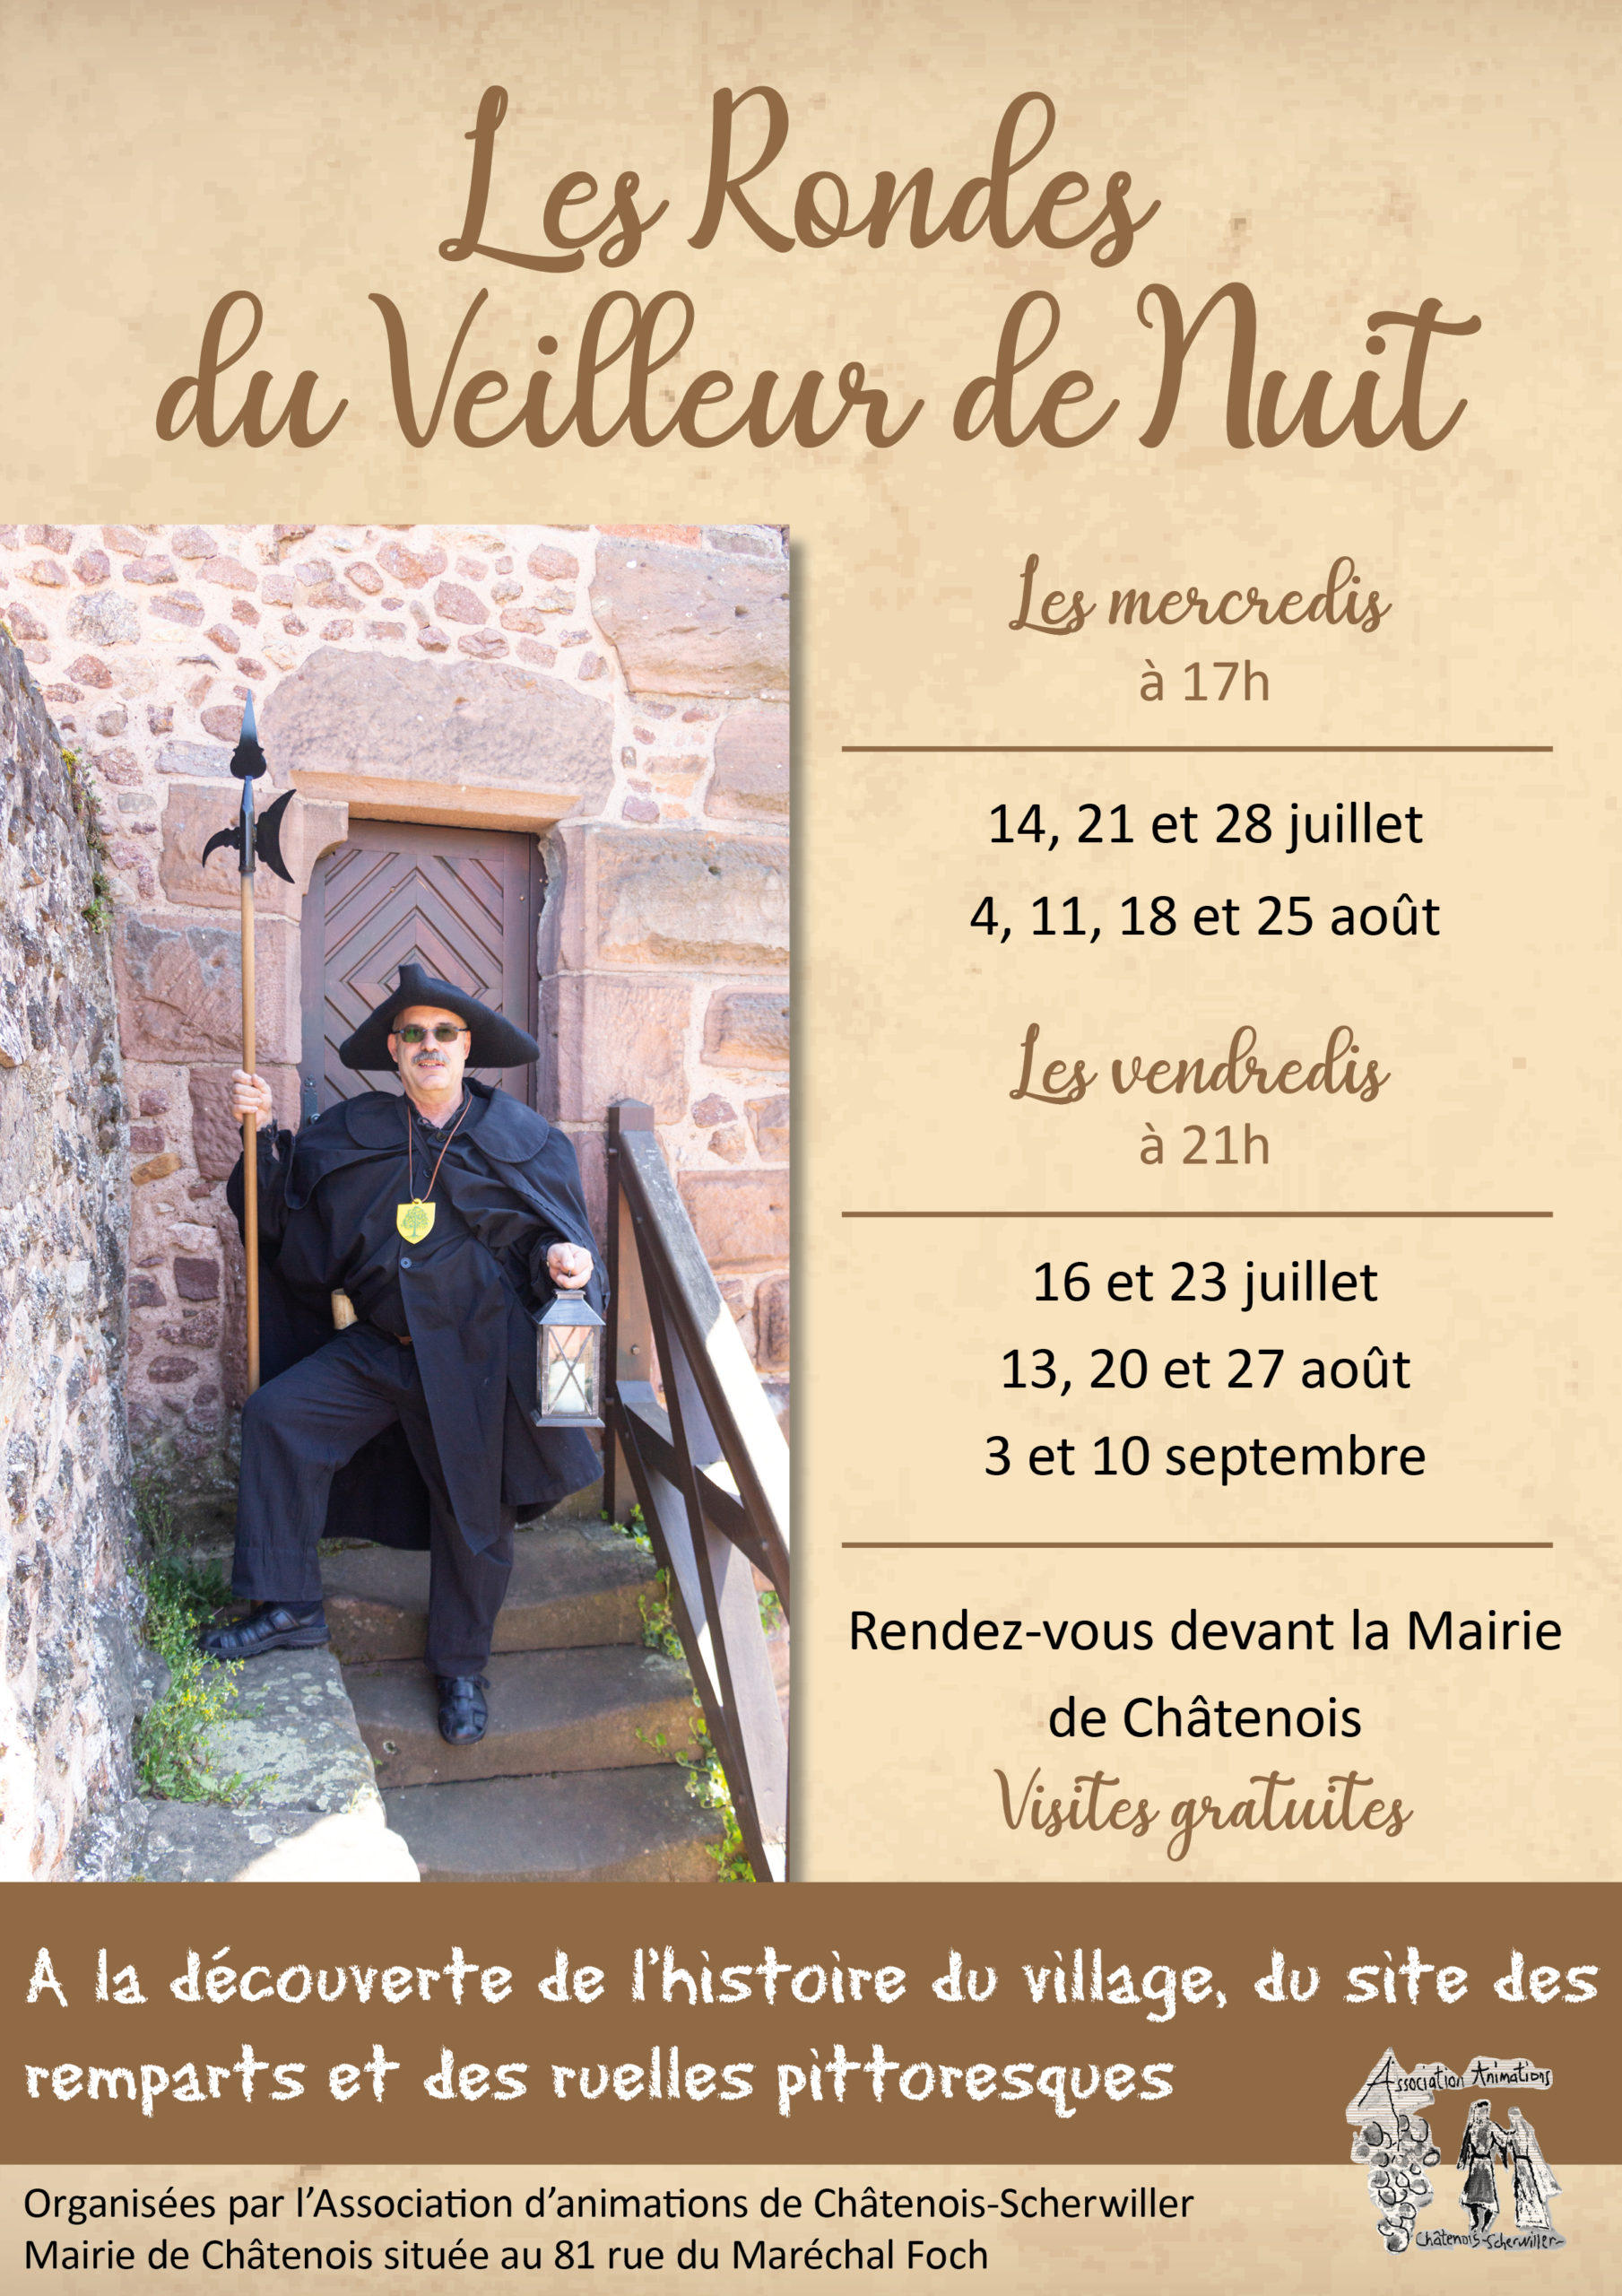 Affiche Ronde Veilleur de Nuit 2021 VF